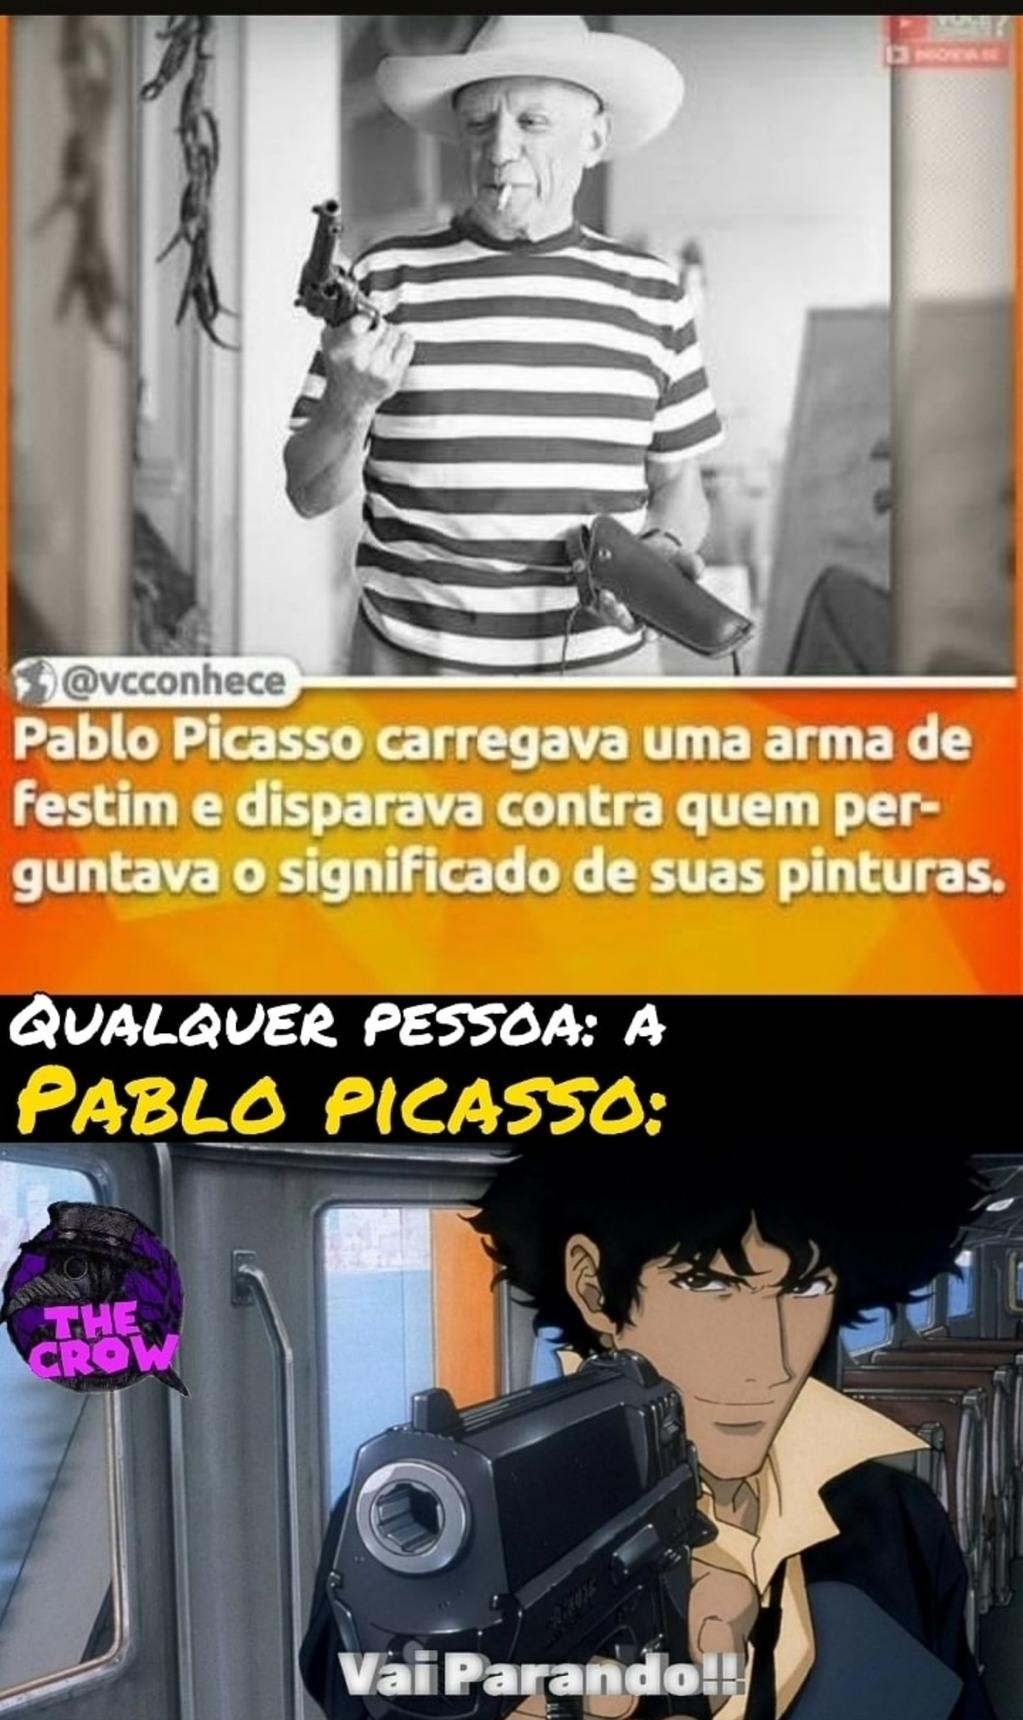 Aparentemente Pablo Picasso era bem louco msm. - meme